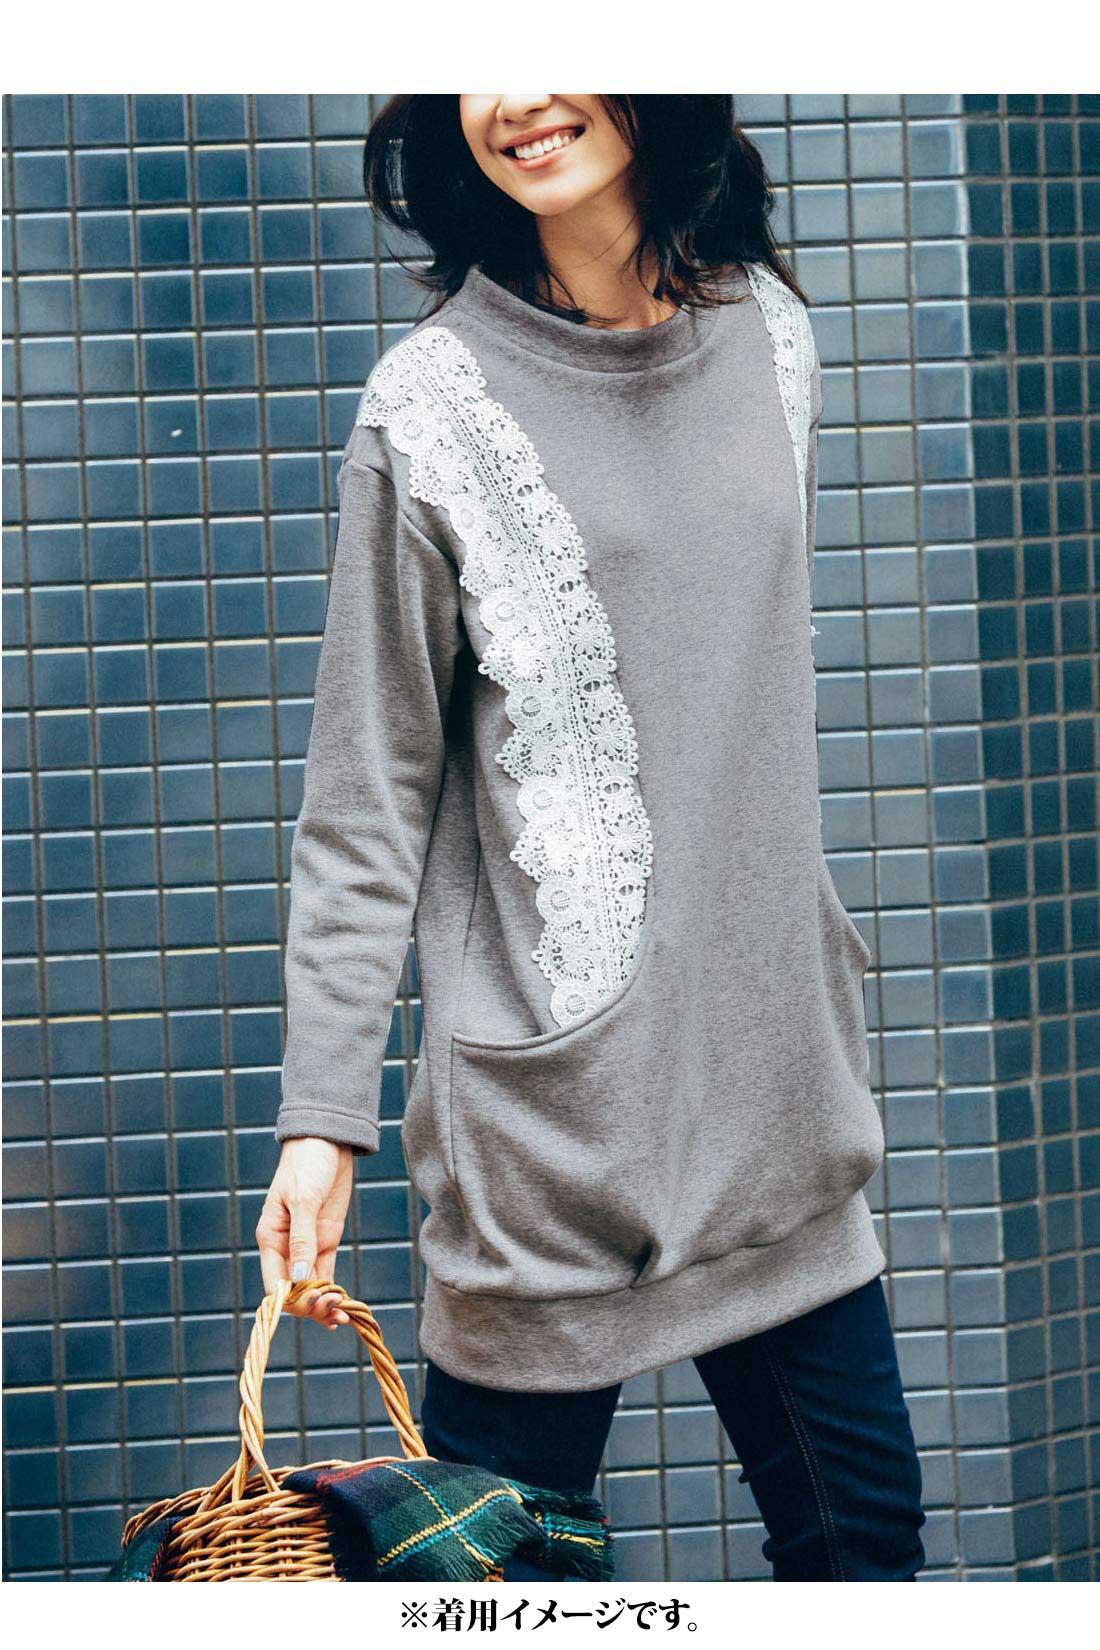 どんなスタイルにも使いやすい【杢グレイ】 太めの衿ぐりの切り替えで顔まわりにニュアンス。 バックはレースなしでスッキリ。 大きめポケットが便利!